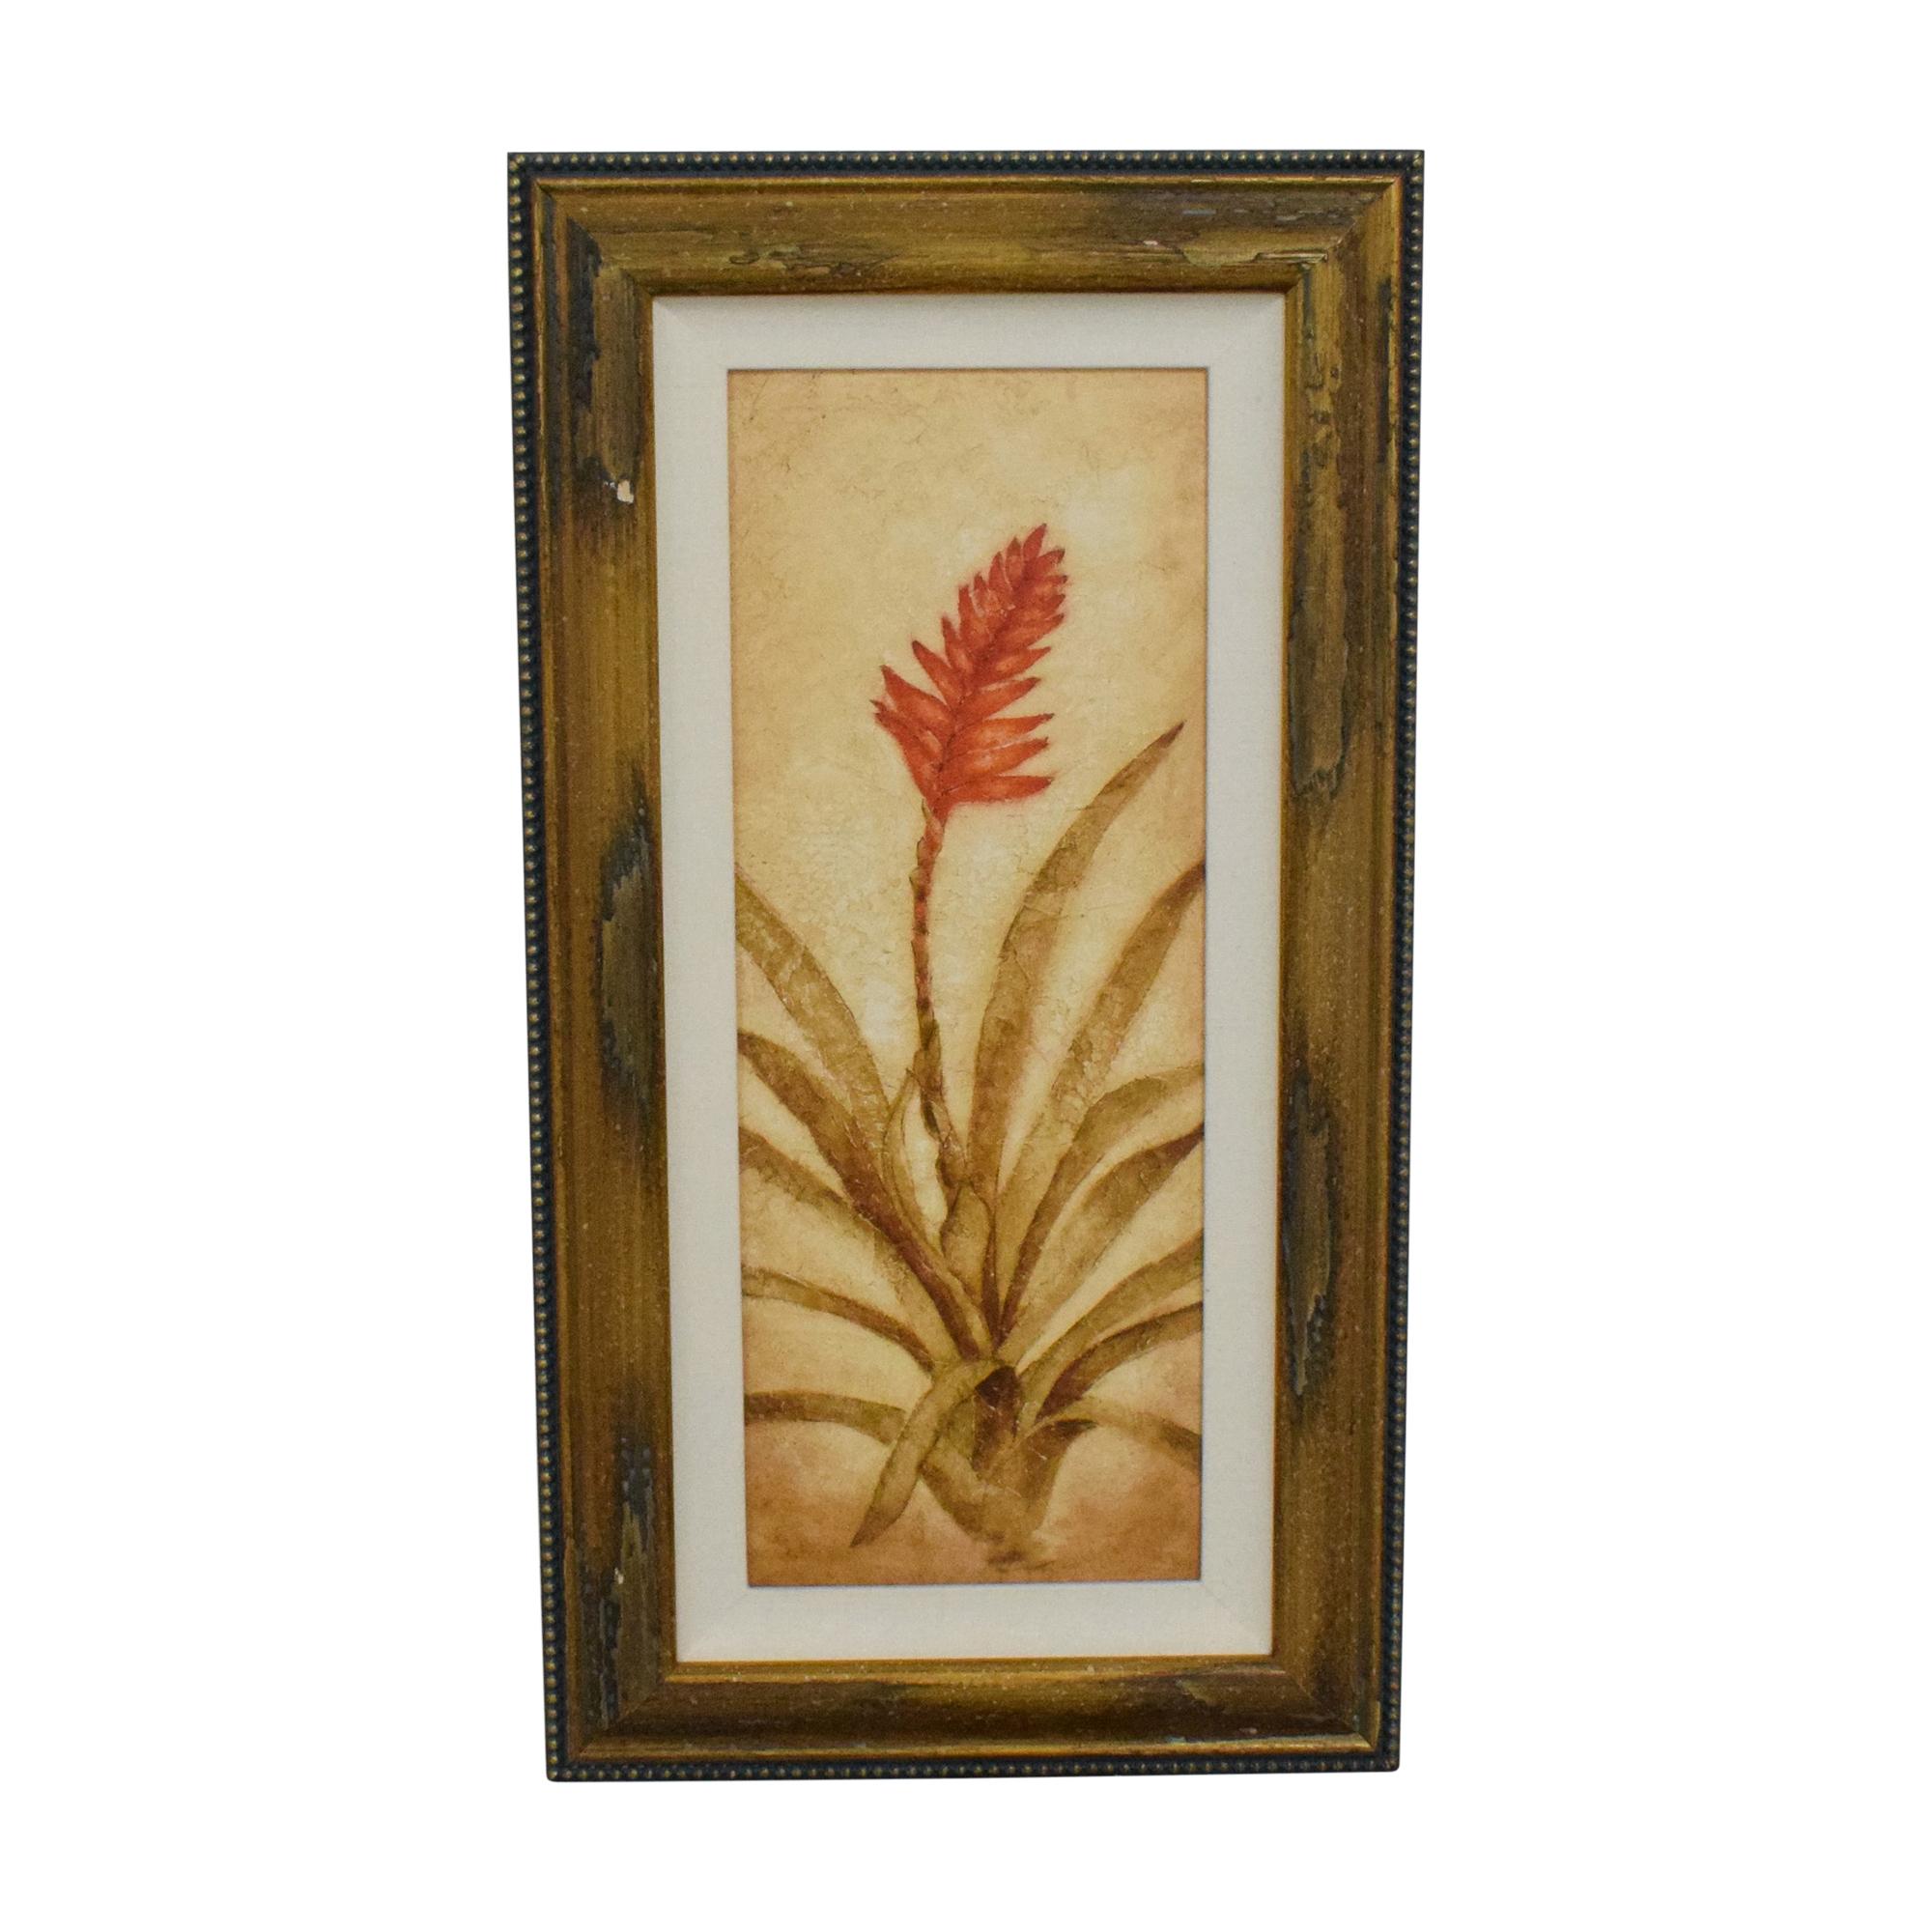 Ethan Allen Ethan Allen Walter Paulson Tropical Flora Framed Wall Art price